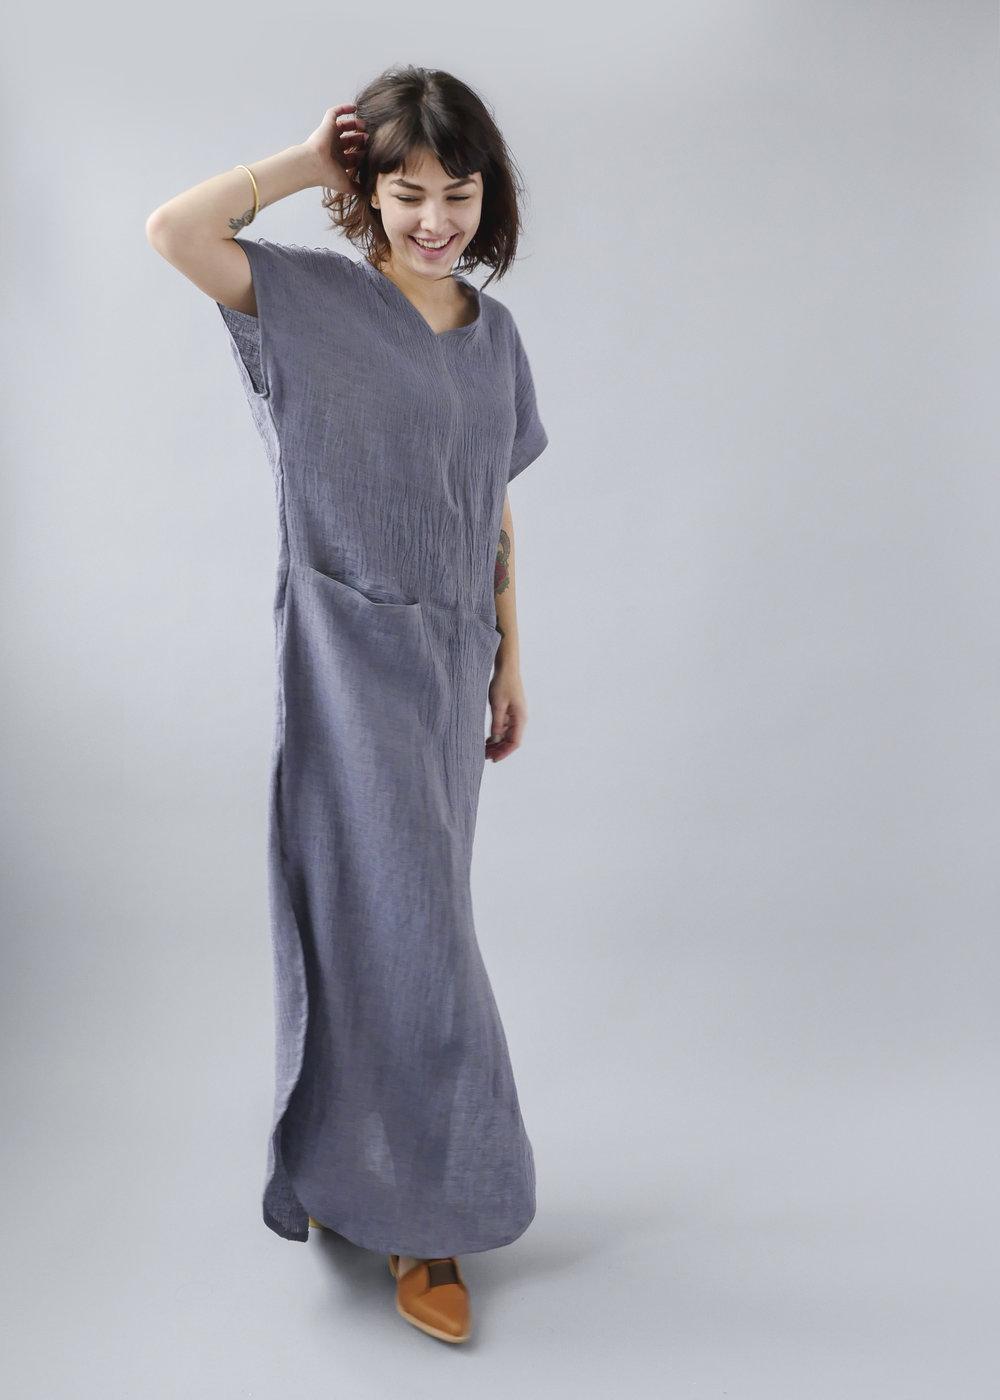 Temperate Jan long blue dress-5.jpg